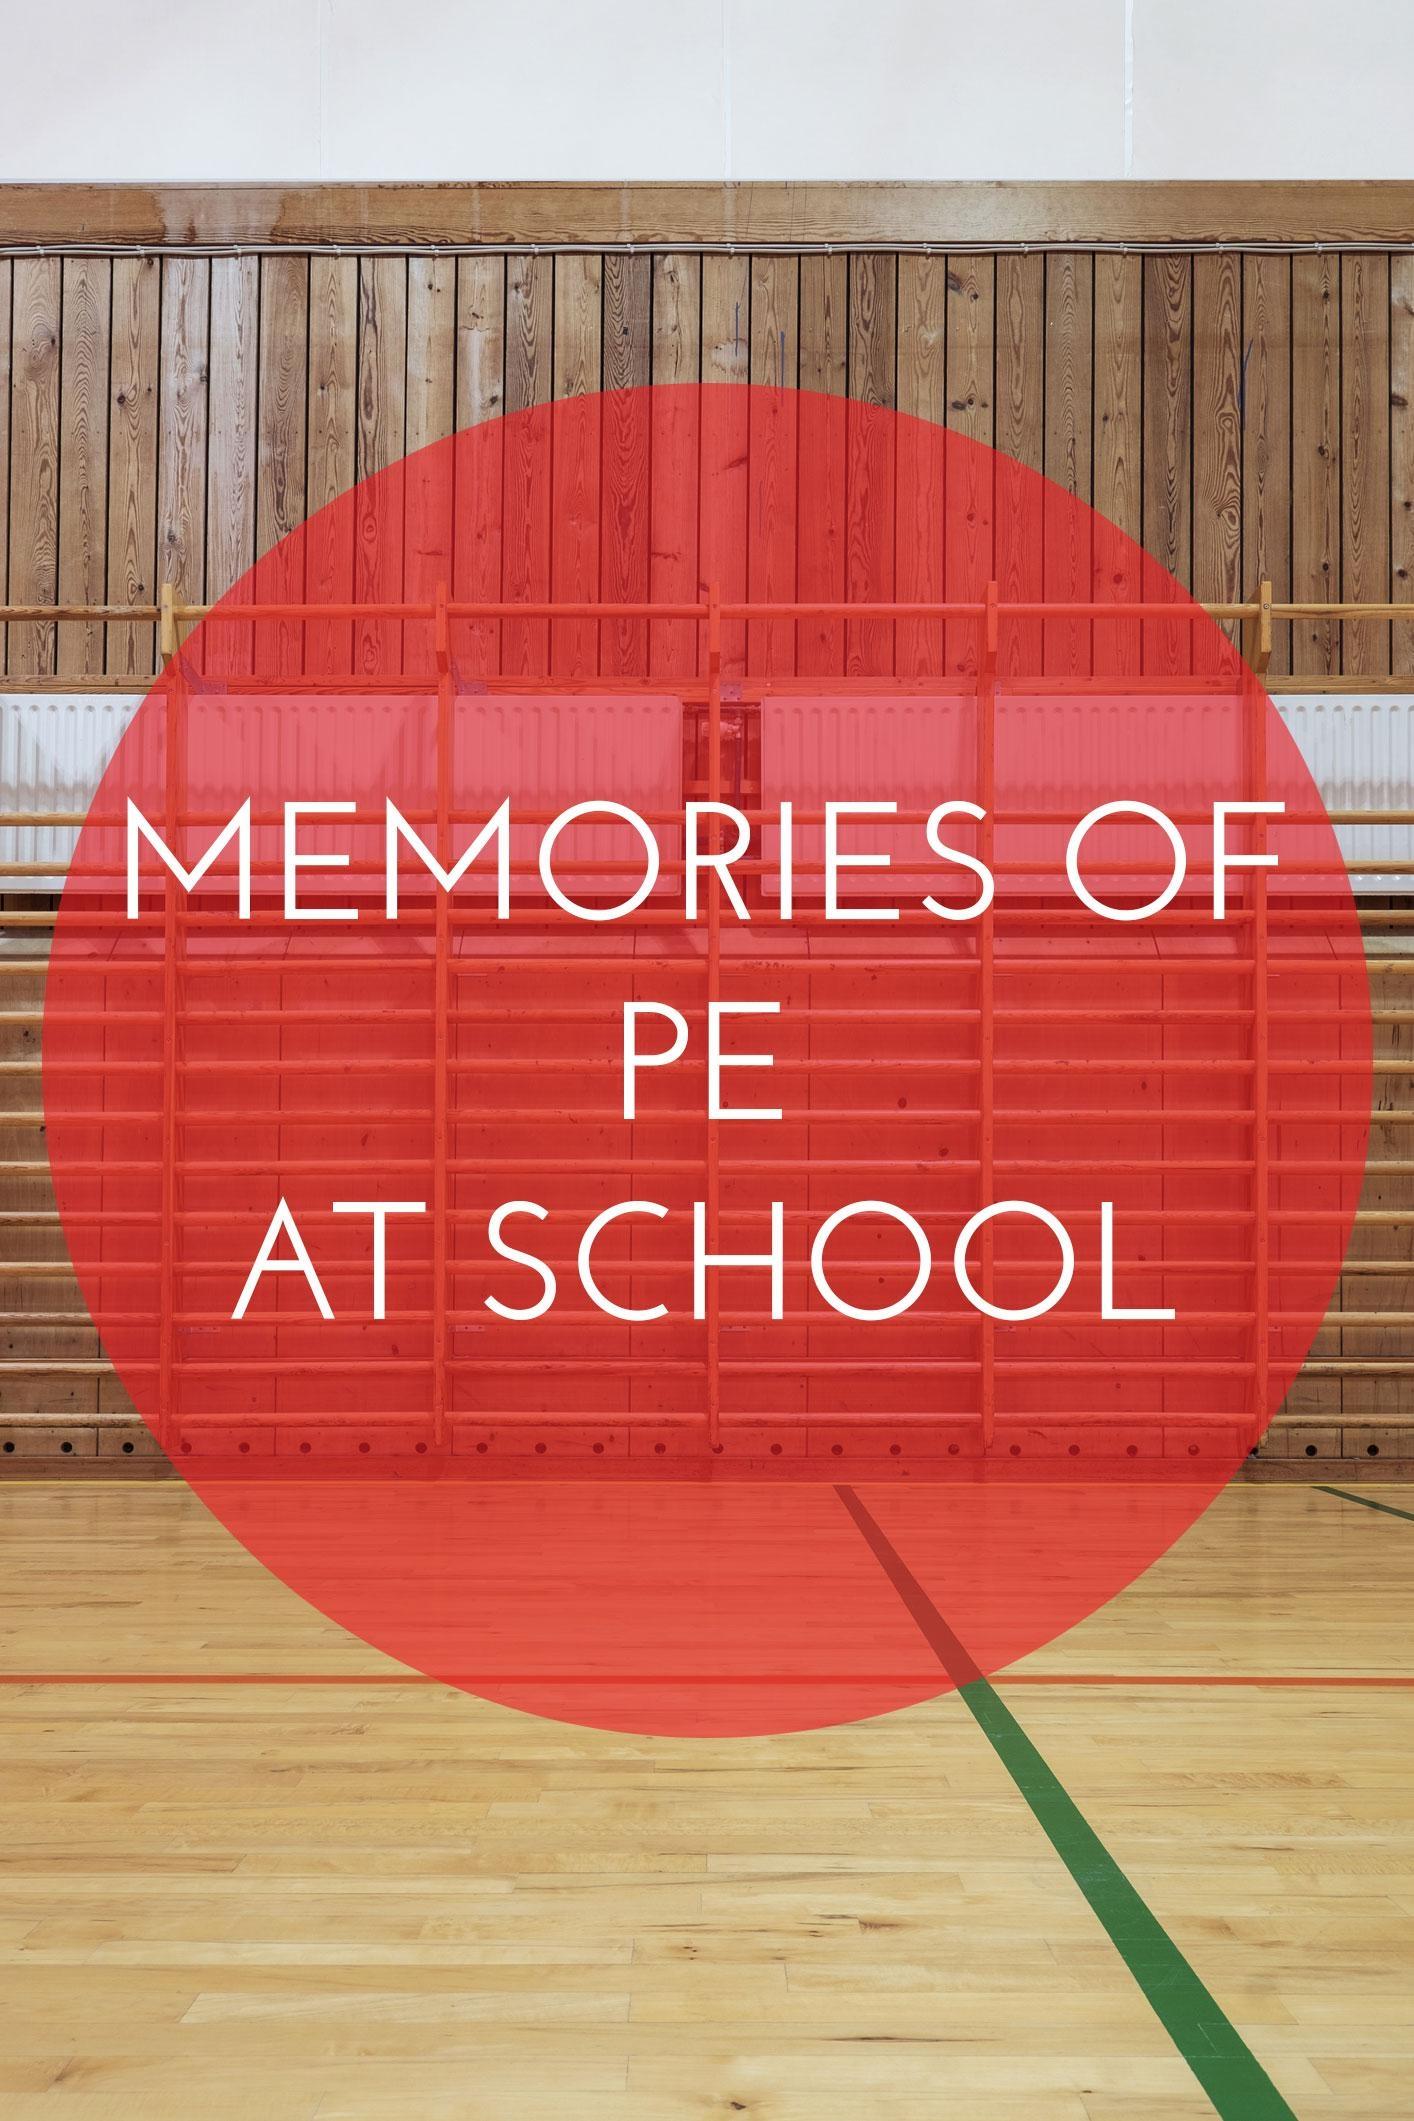 Memories of PE